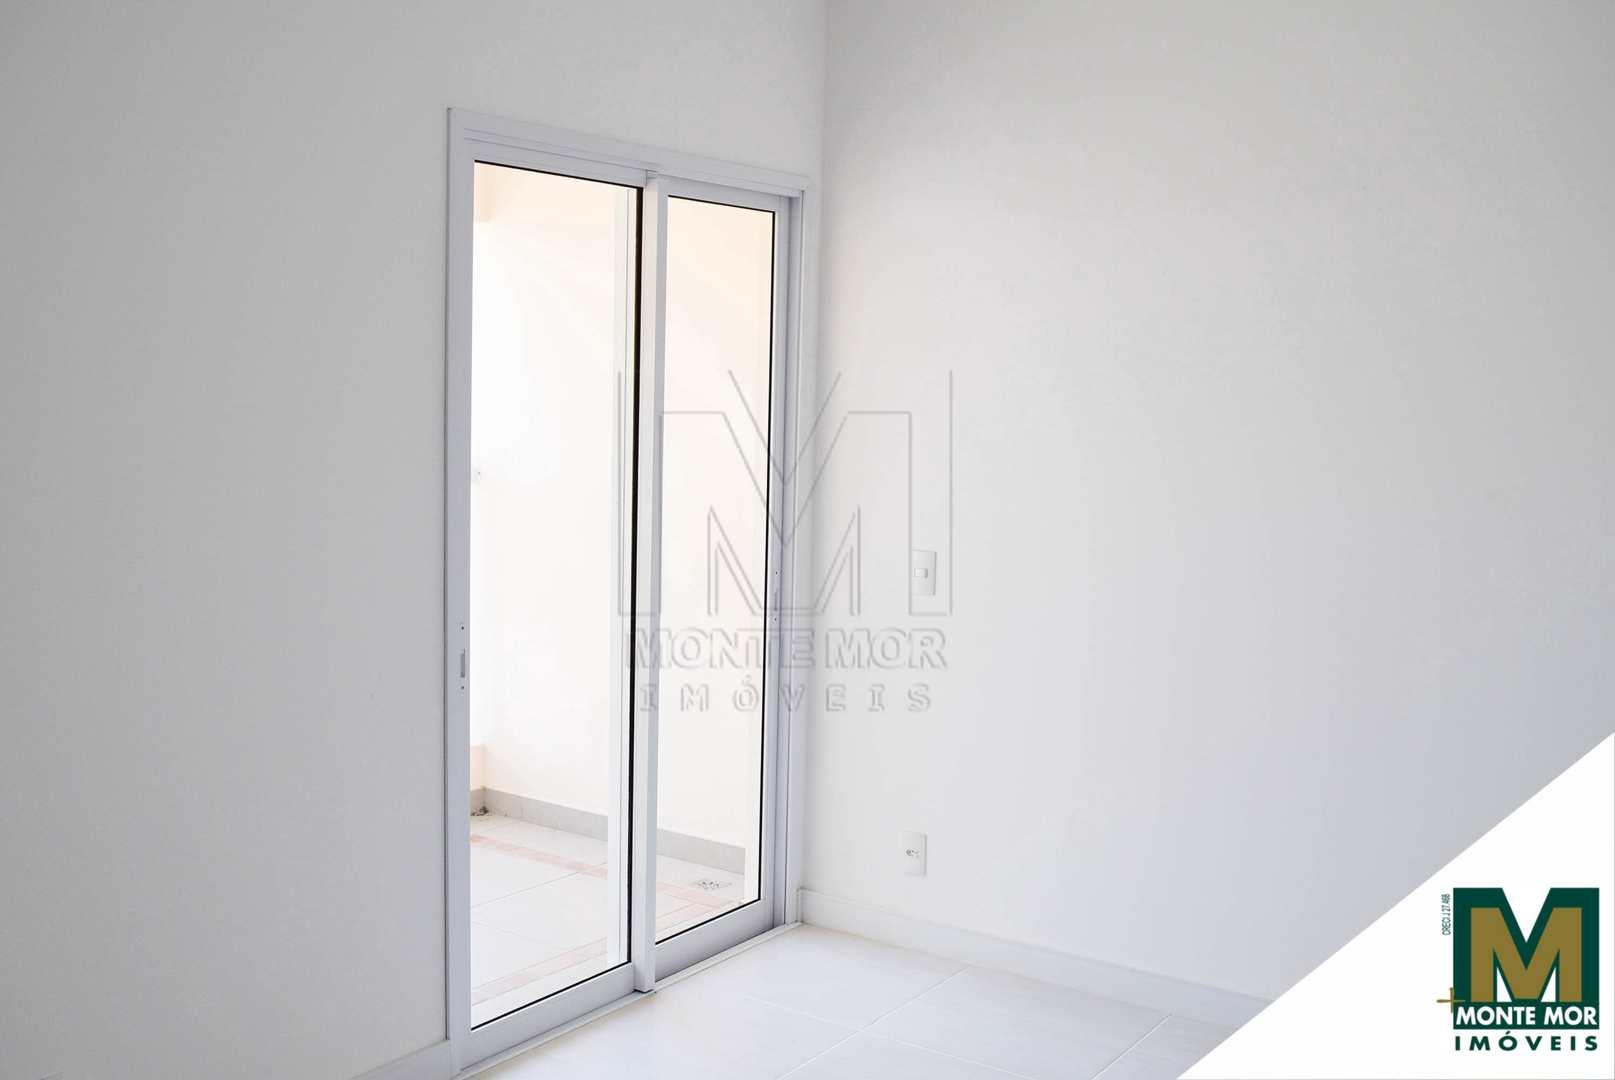 Apartamento 02 dormitórios - Jd. Vista Alegre - Monte Mor - SP